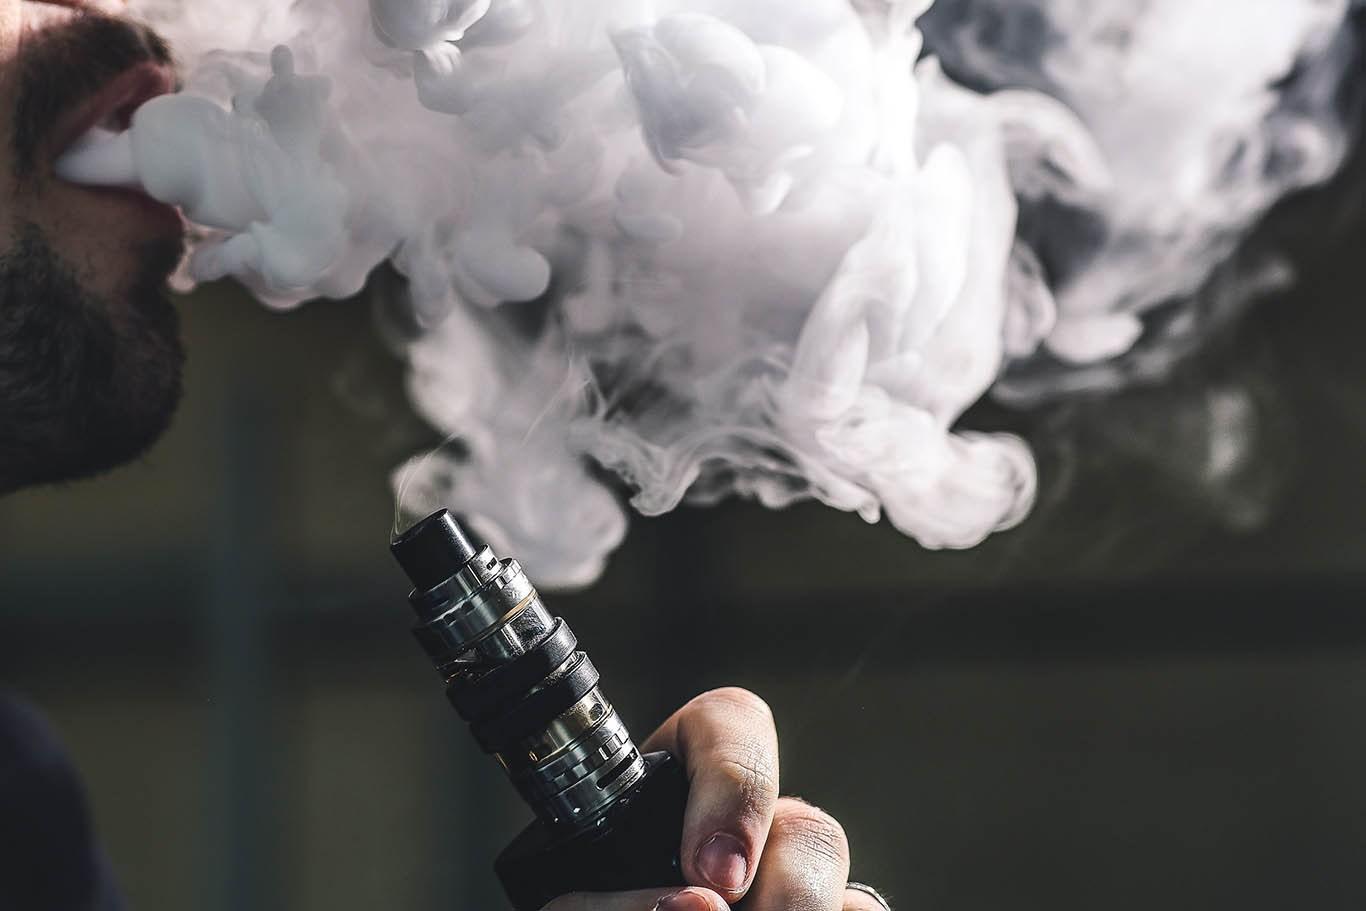 Исследователи: Вейпы — опасны. Самые токсичные ароматизаторы — ментол и корица